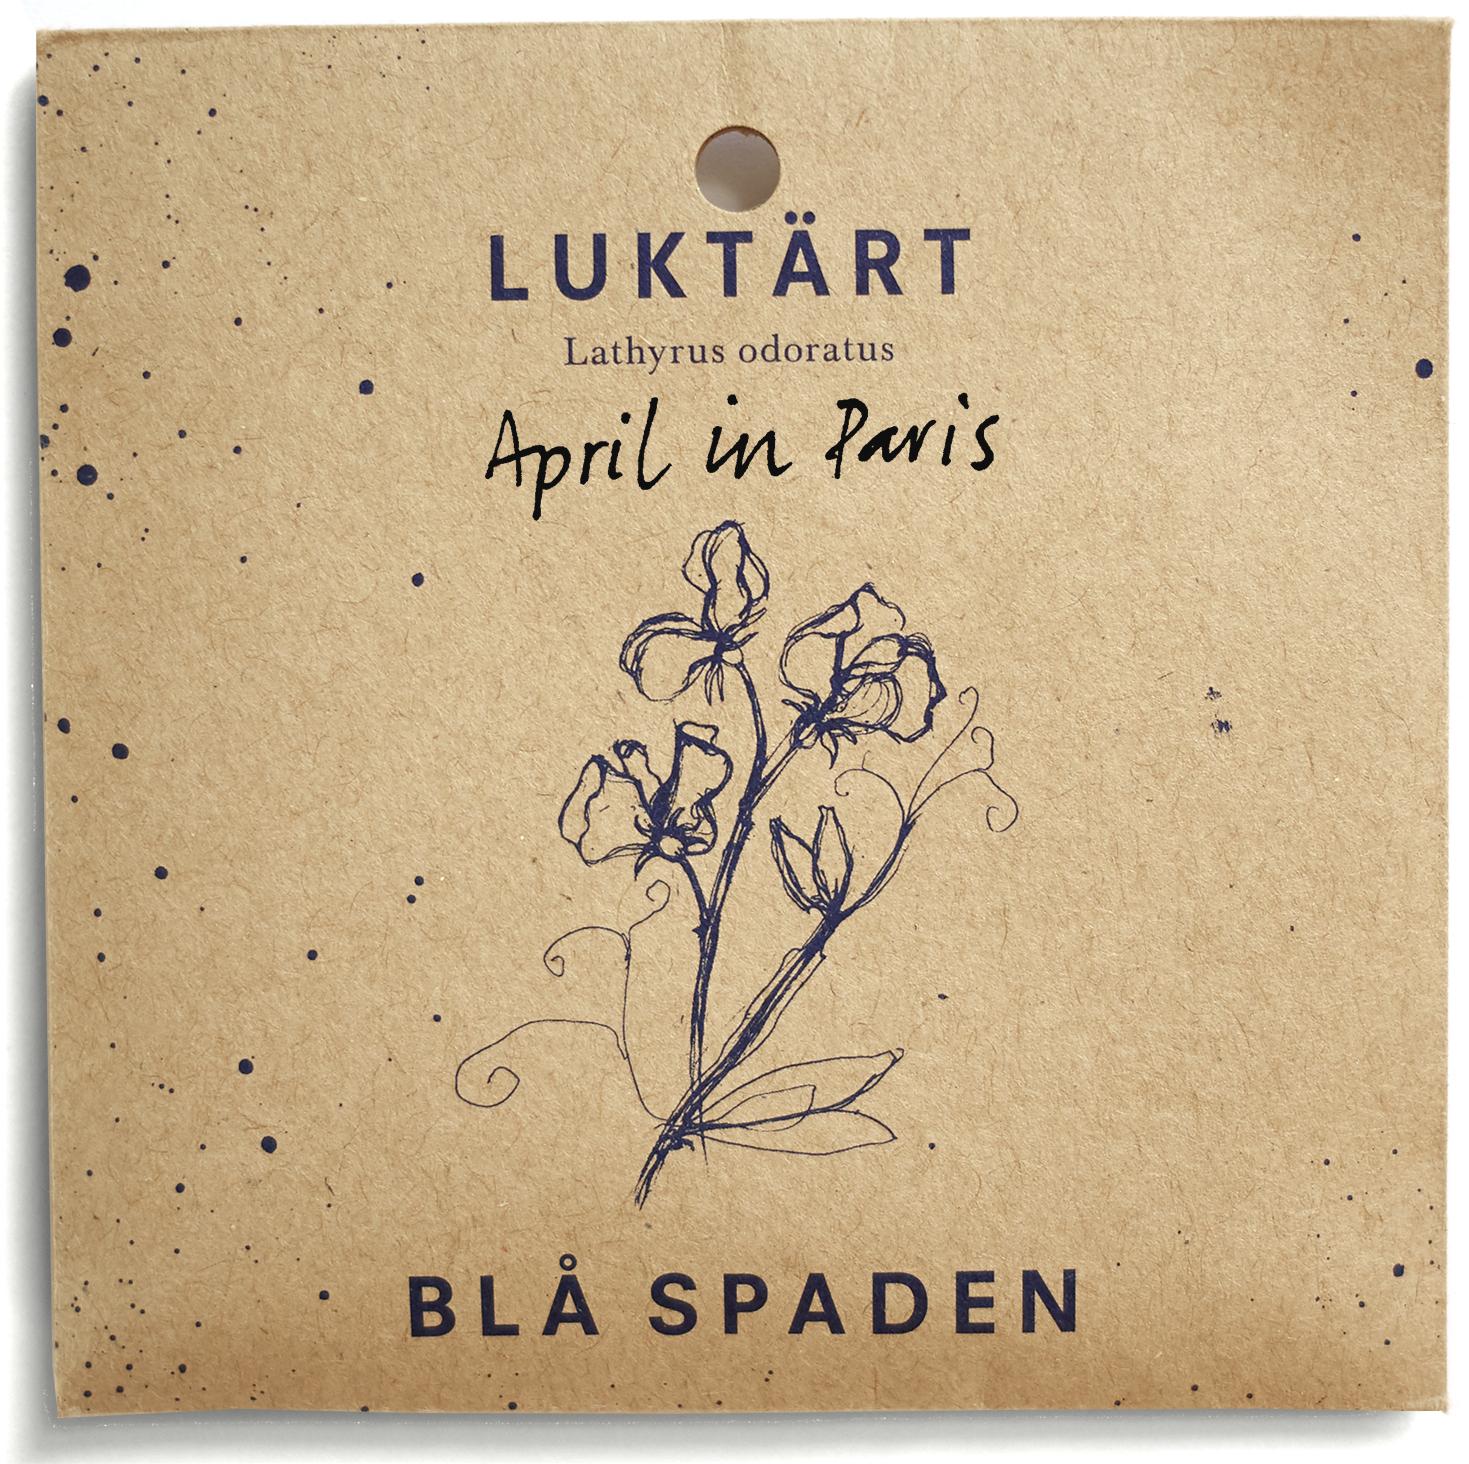 April in Paris - Violetta kanter på cremevita kronblad.Utmärkande doft.